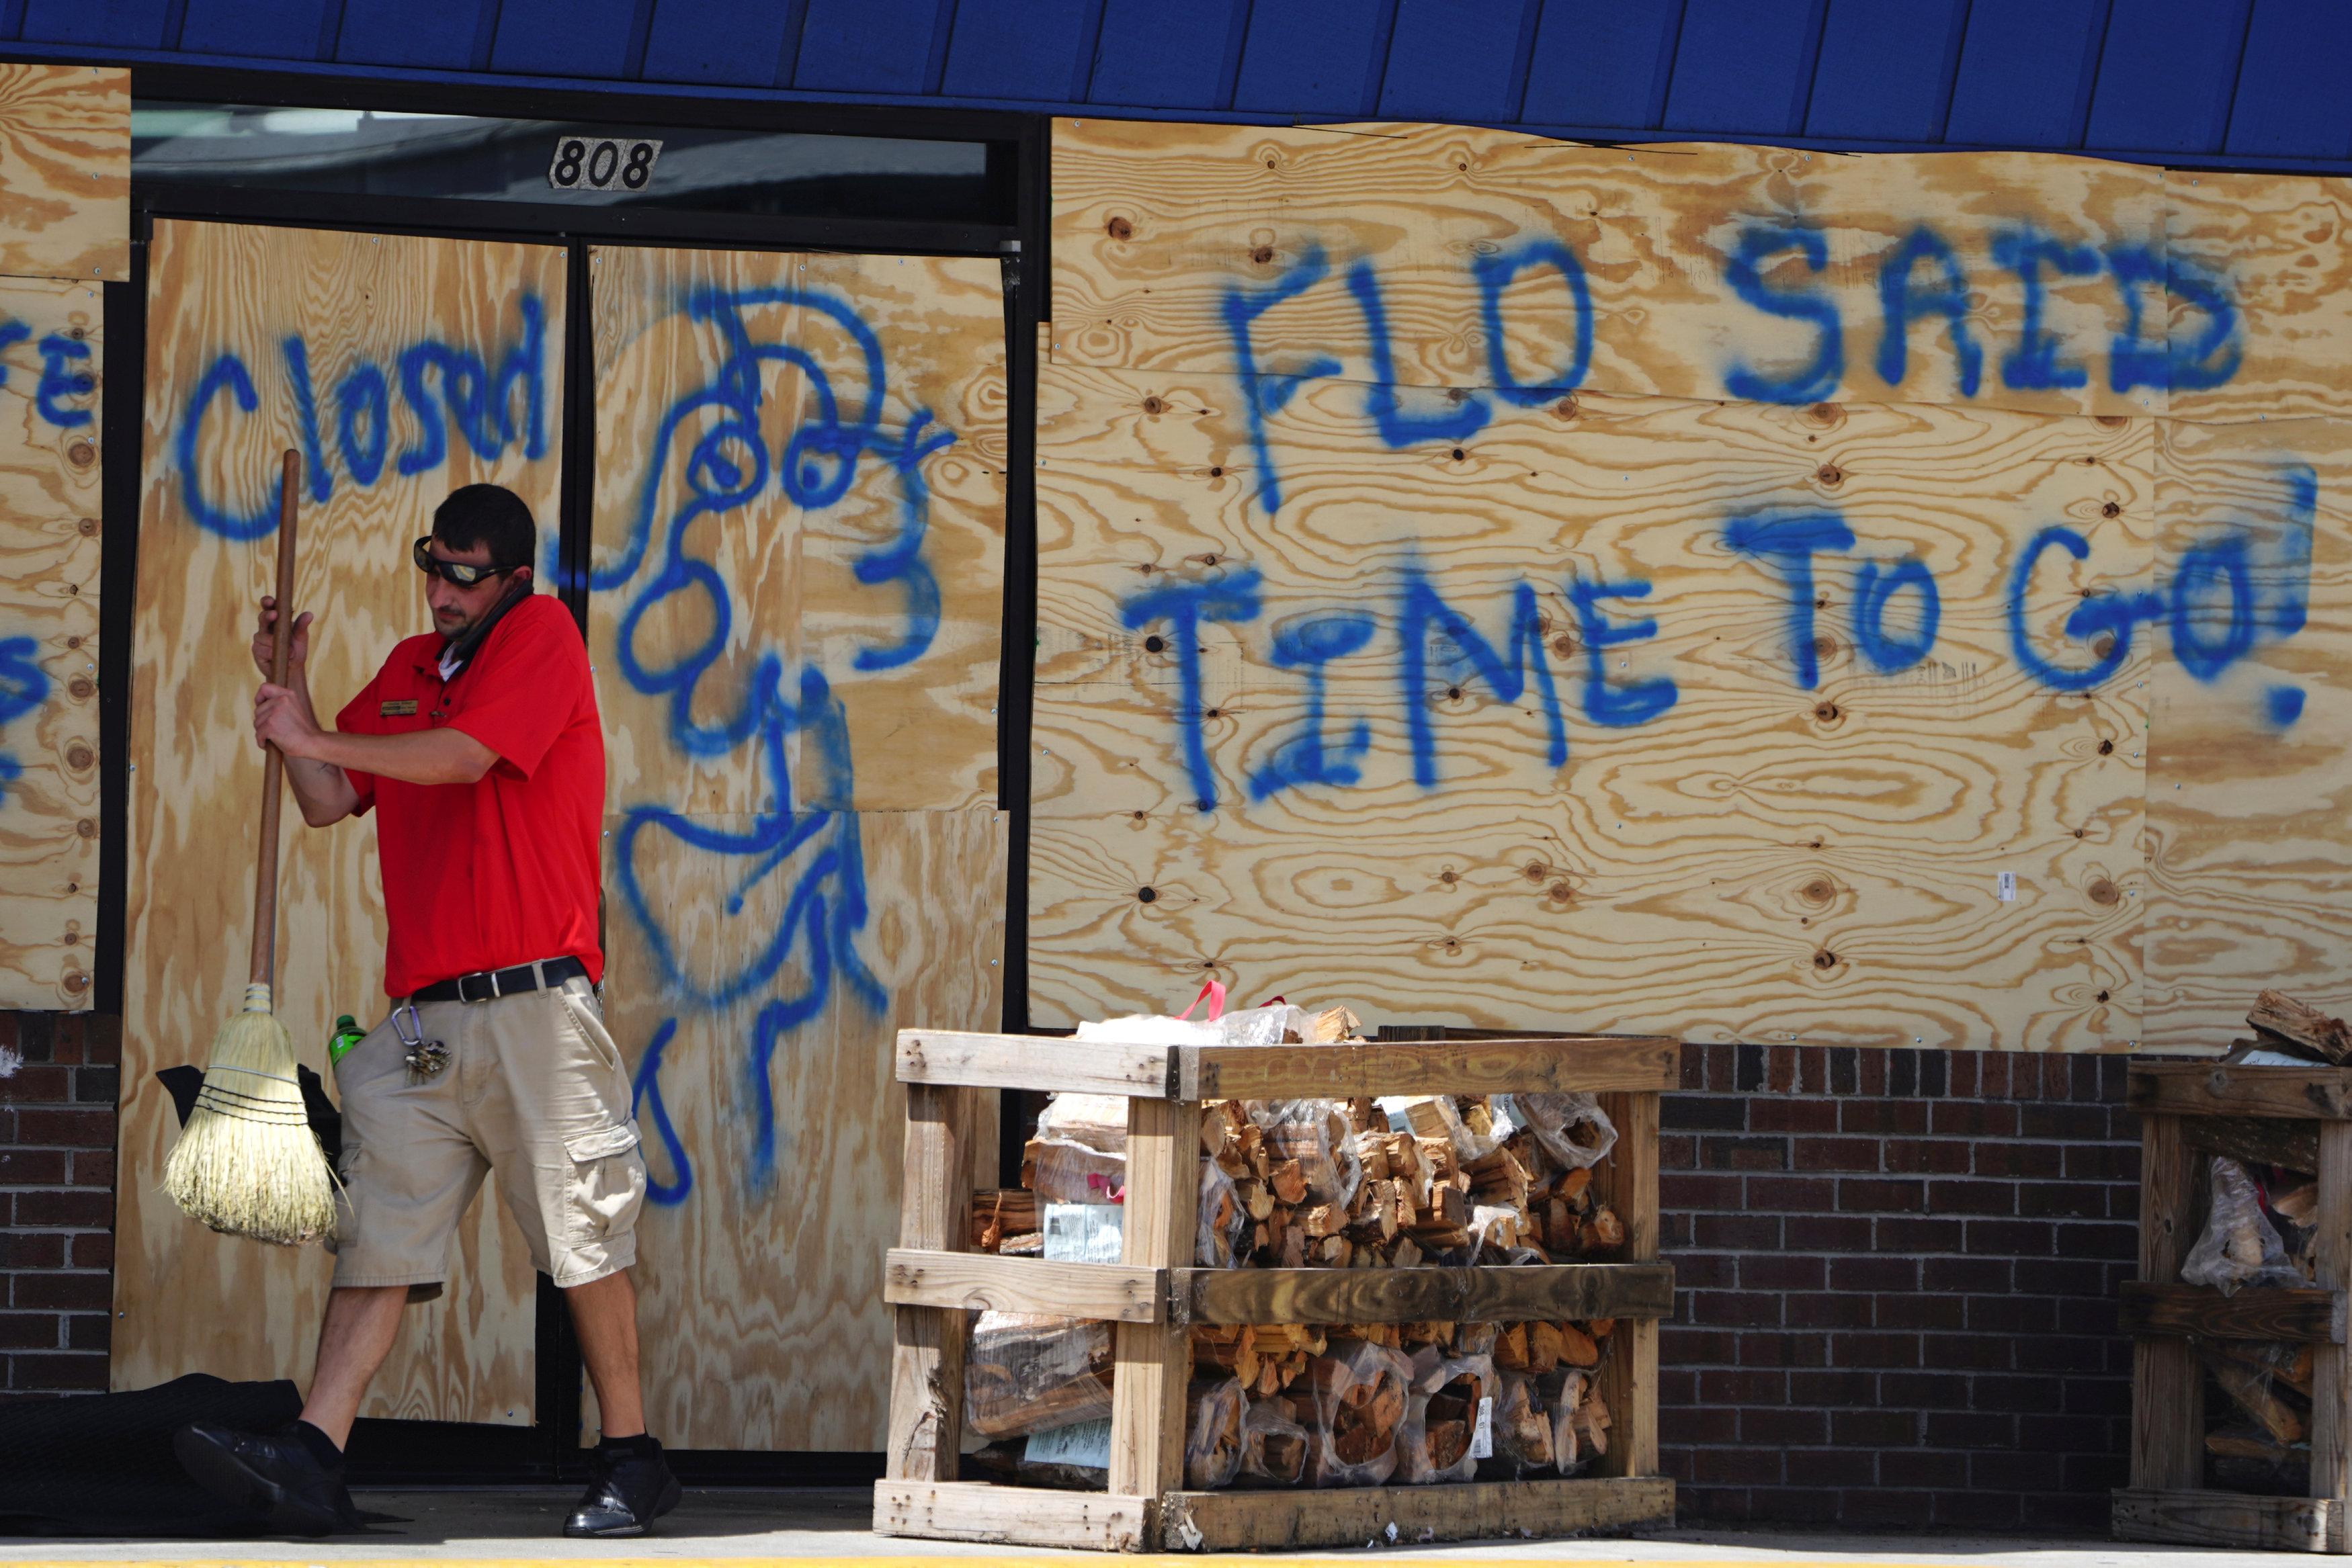 """""""Flo dijo 'es hora deirse!'"""", resalta un mensaje sobre un comercio de Carolina Beach, junto a un dibujo"""